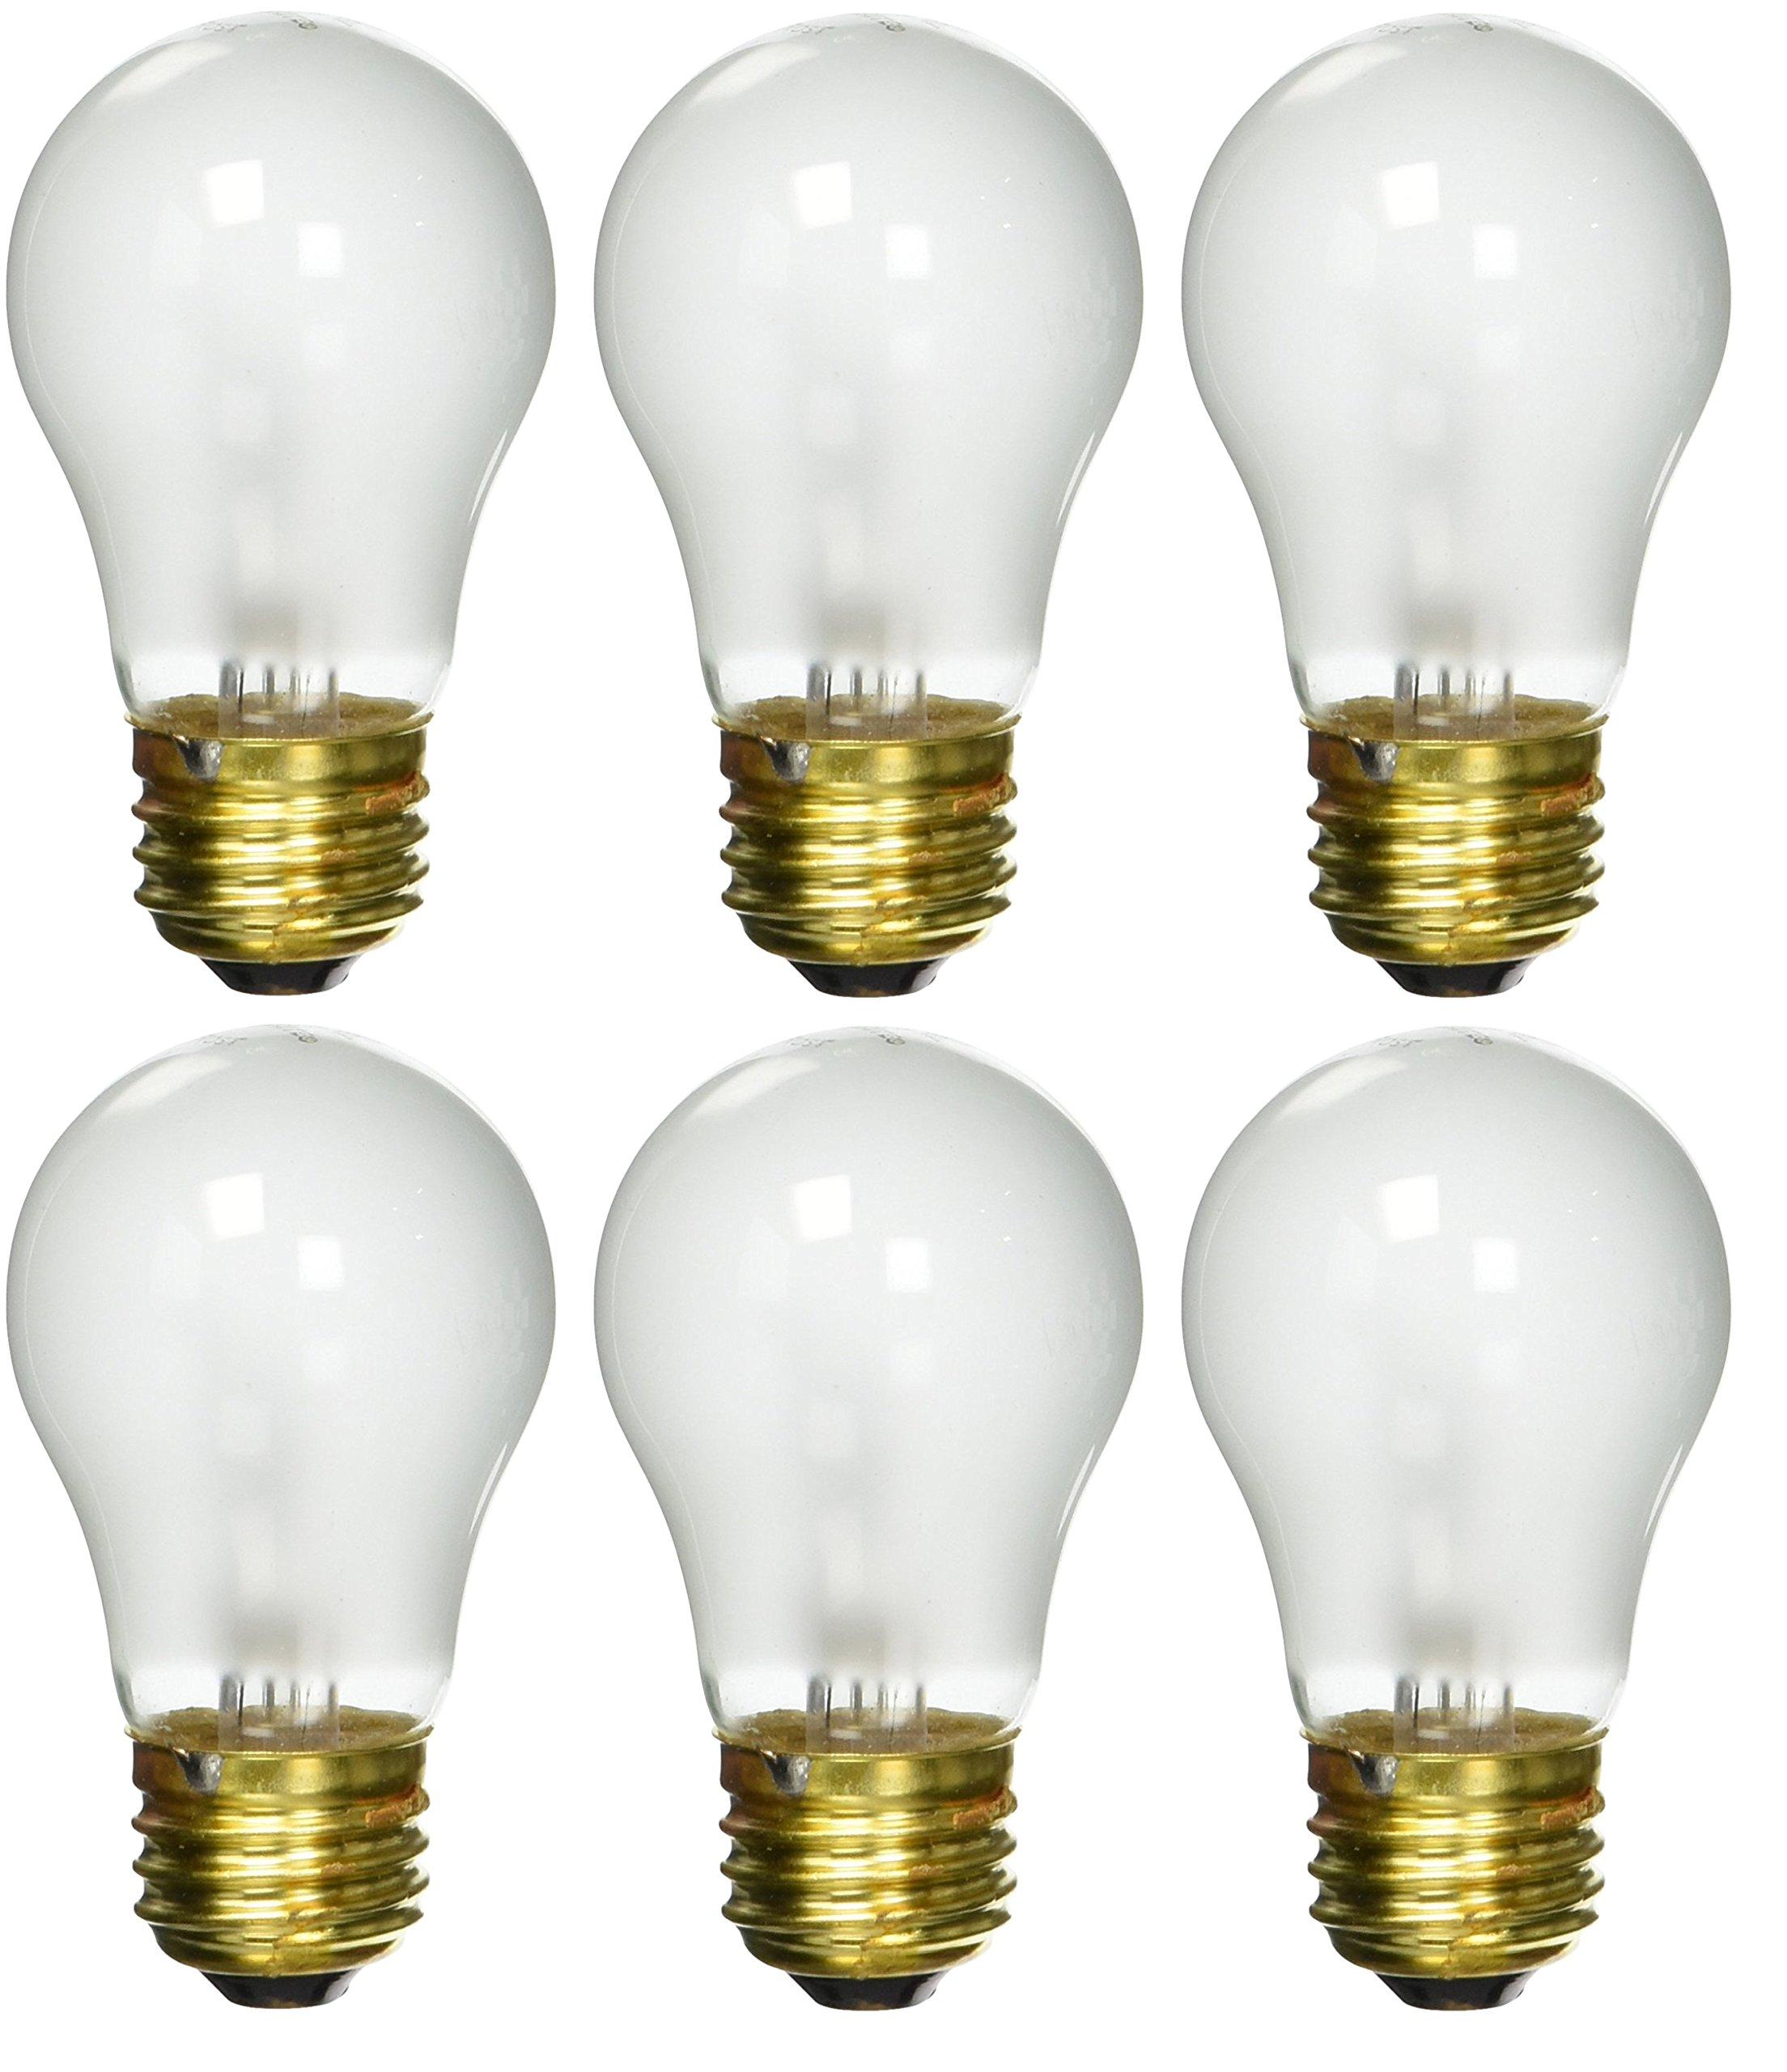 6 pack 40 Watt Decorative A15 Incandescent Light Bulb Medium E26 Standard Household Base Frost